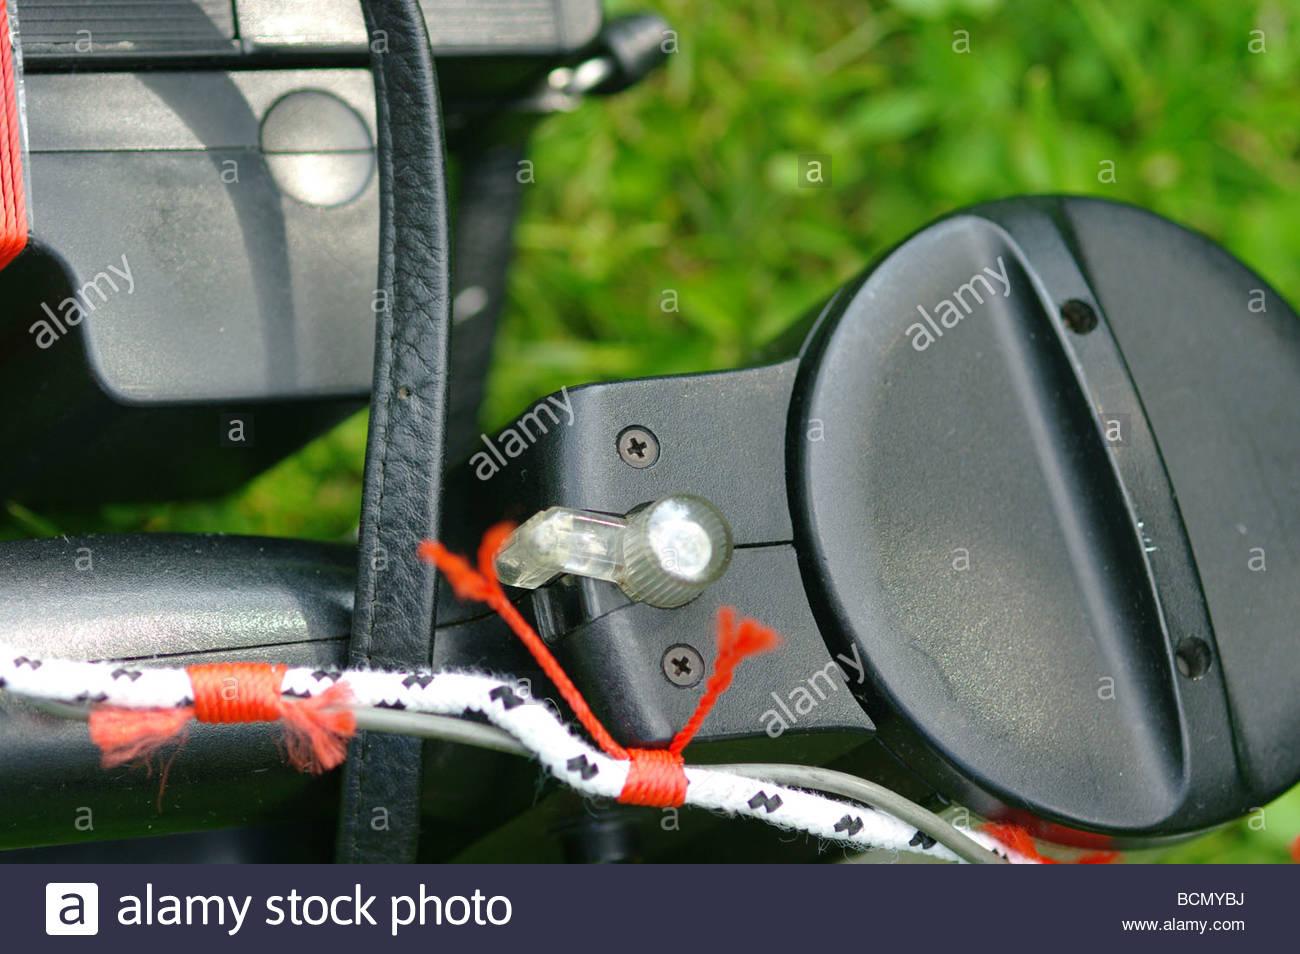 Flashgun close up - Stock Image